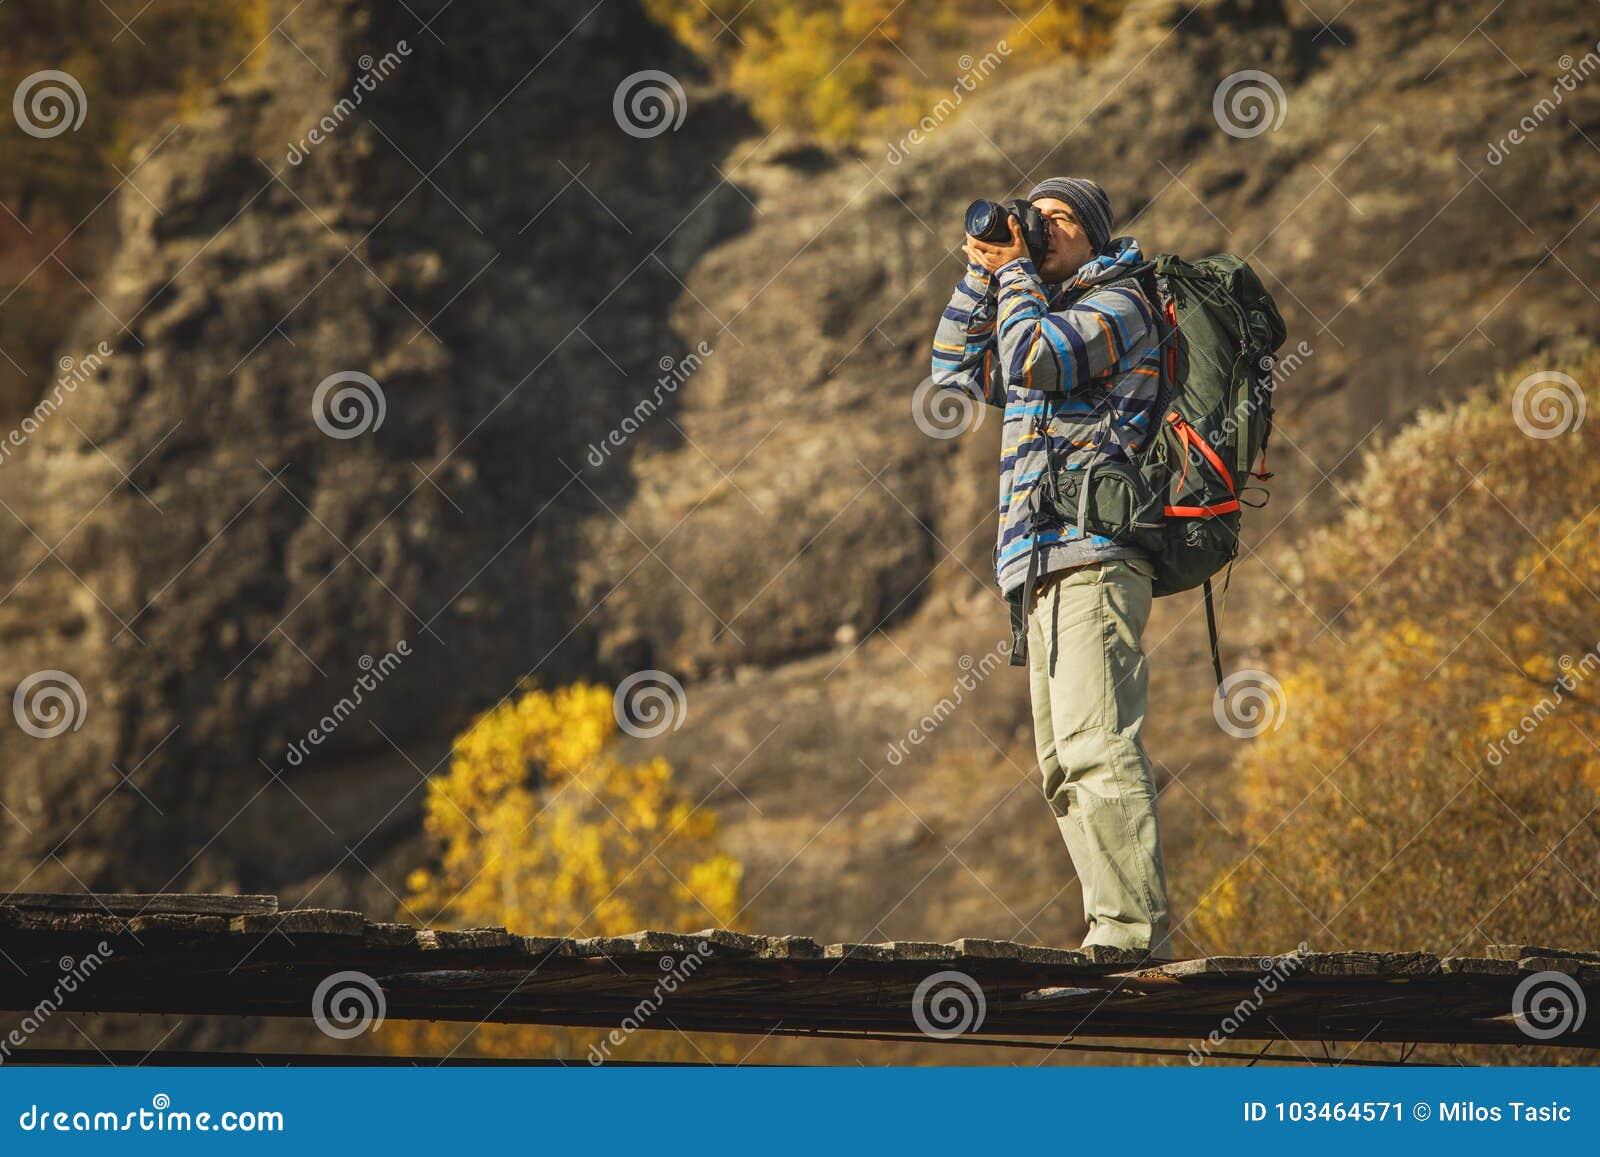 Φωτογράφος ατόμων με το μεγάλο σακίδιο πλάτης και κάμερα που παίρνει τη φωτογραφία του SU